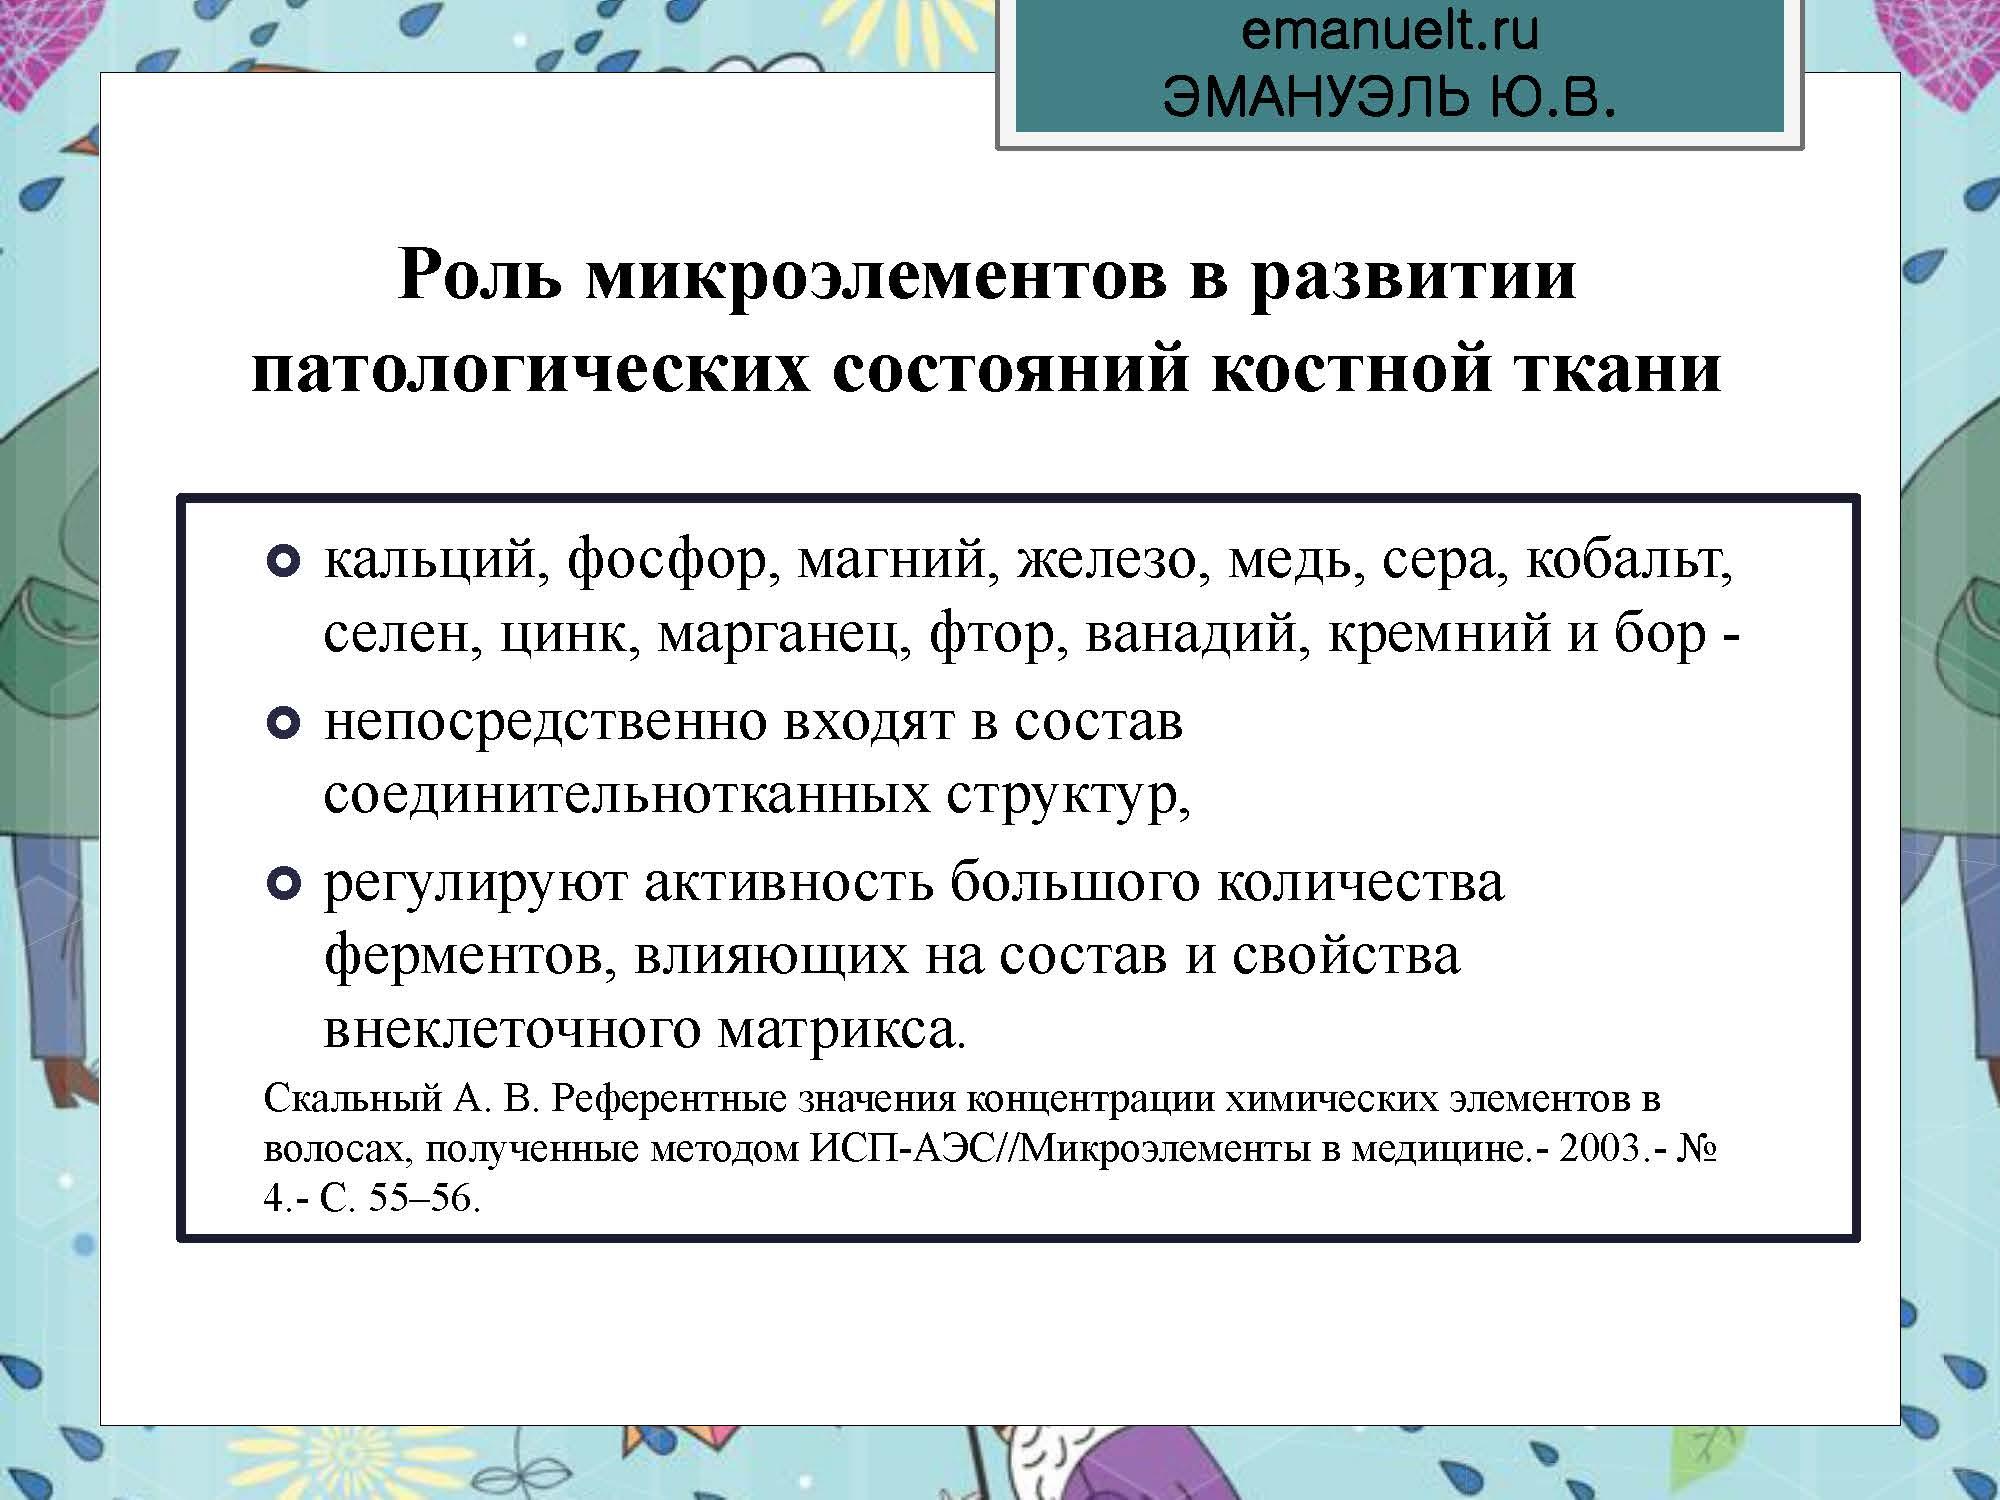 Секция 8. ЭЮВ. СПбГМУ.  26.03_Страница_28